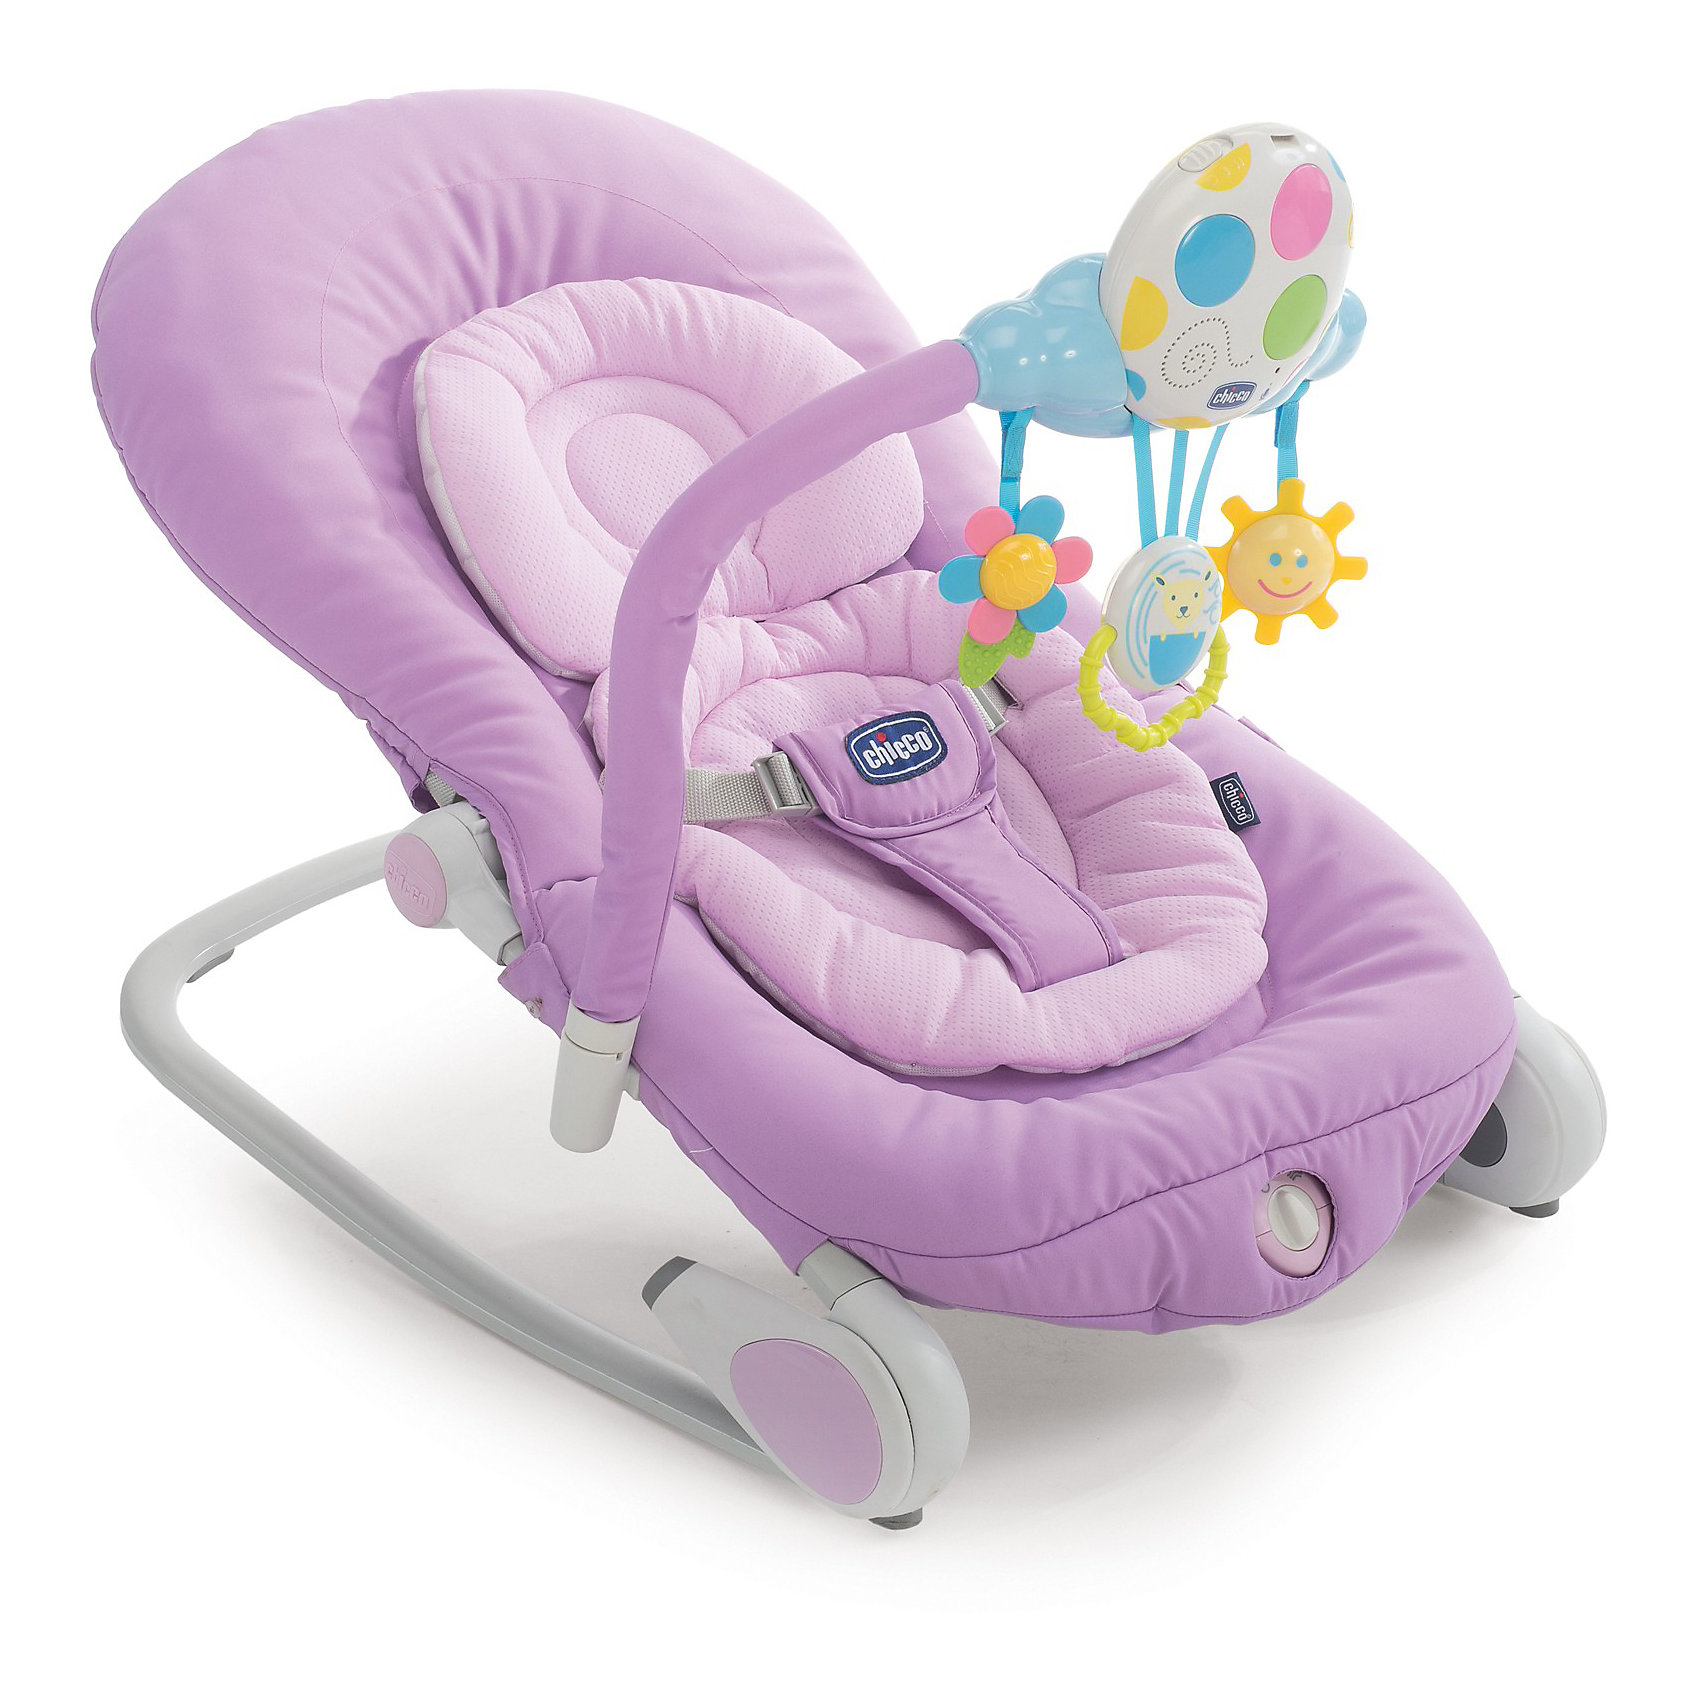 Кресло-качалка Balloon, Chicco, розовыйЛегкое и удобное кресло-качалка Balloon, Chicco (Чико) - замечательное место для игр и отдыха малыша с рождения до 9 кг. (6 месяцев). Анатомическая конструкция кресла обеспечивает малышам правильное положение. Мягкое широкое сиденье со съемной моющейся подкладкой создает ребенку оптимальный комфорт. Спинка сиденья регулируется в четырех положениях, вплоть до горизонтального. Подголовник регулируется в 3 позициях по высоте ребенка. Кресло можно легко зафиксировать в статичном положении, либо трансформировать его в кресло-качалку, убрав ножки. Устройство легкой вибрации поможет малышу расслабиться. Ребенок надежно удерживается в кресле при помощи мягкого трехточечного ремня безопасности. <br><br>Для развлечения малыша в комплекте предусмотрен съемный электронный модуль с тремя подвесными забавными игрушками, которые будут способствовать двигательной активности, тактильному и сенсорному развитию. При нажатии на кнопочки модуля, загораются цветные<br>огоньки и звучат приятные мелодии и звуки природы (6 мелодий и 6 звуков природы). Также можно записать свое сообщение протяженностью 30 секунд, чтобы ребенок слышал Ваш голос. Модуль легко крепится к детской кроватки с помощью ремешка и поможет успокоить малыша перед сном. Кресло-качалка быстро складывается с помощью двух специальных кнопок и не занимает много места при хранении. Имеются две прочные тканевые ручки для переноски. Чехол из ткани легко снимется и стирается при комнатной температуре. Максимальный вес ребенка - 9  кг.<br><br>Дополнительная информация:<br><br>- Цвет: lilla (сиреневый).<br>- Материал: текстиль, пластик, металл.<br>- Возраст: 0-6 мес.<br>- Требуются батарейки: 2 х AA, 1 x LR20 1,5V (не входят в комплект).<br>- Размер в разложенном виде: 78 х 43 х 32/62 см.<br>- Размер в сложенном виде: 80 х 17 х 43 см.<br>- Вес: 4,5 кг.<br><br>Кресло-качалку Balloon, Chicco (Чико), можно купить в нашем интернет-магазине.<br><br>Ширина мм: 800<br>Глубина мм: 510<br>Высота мм: 1